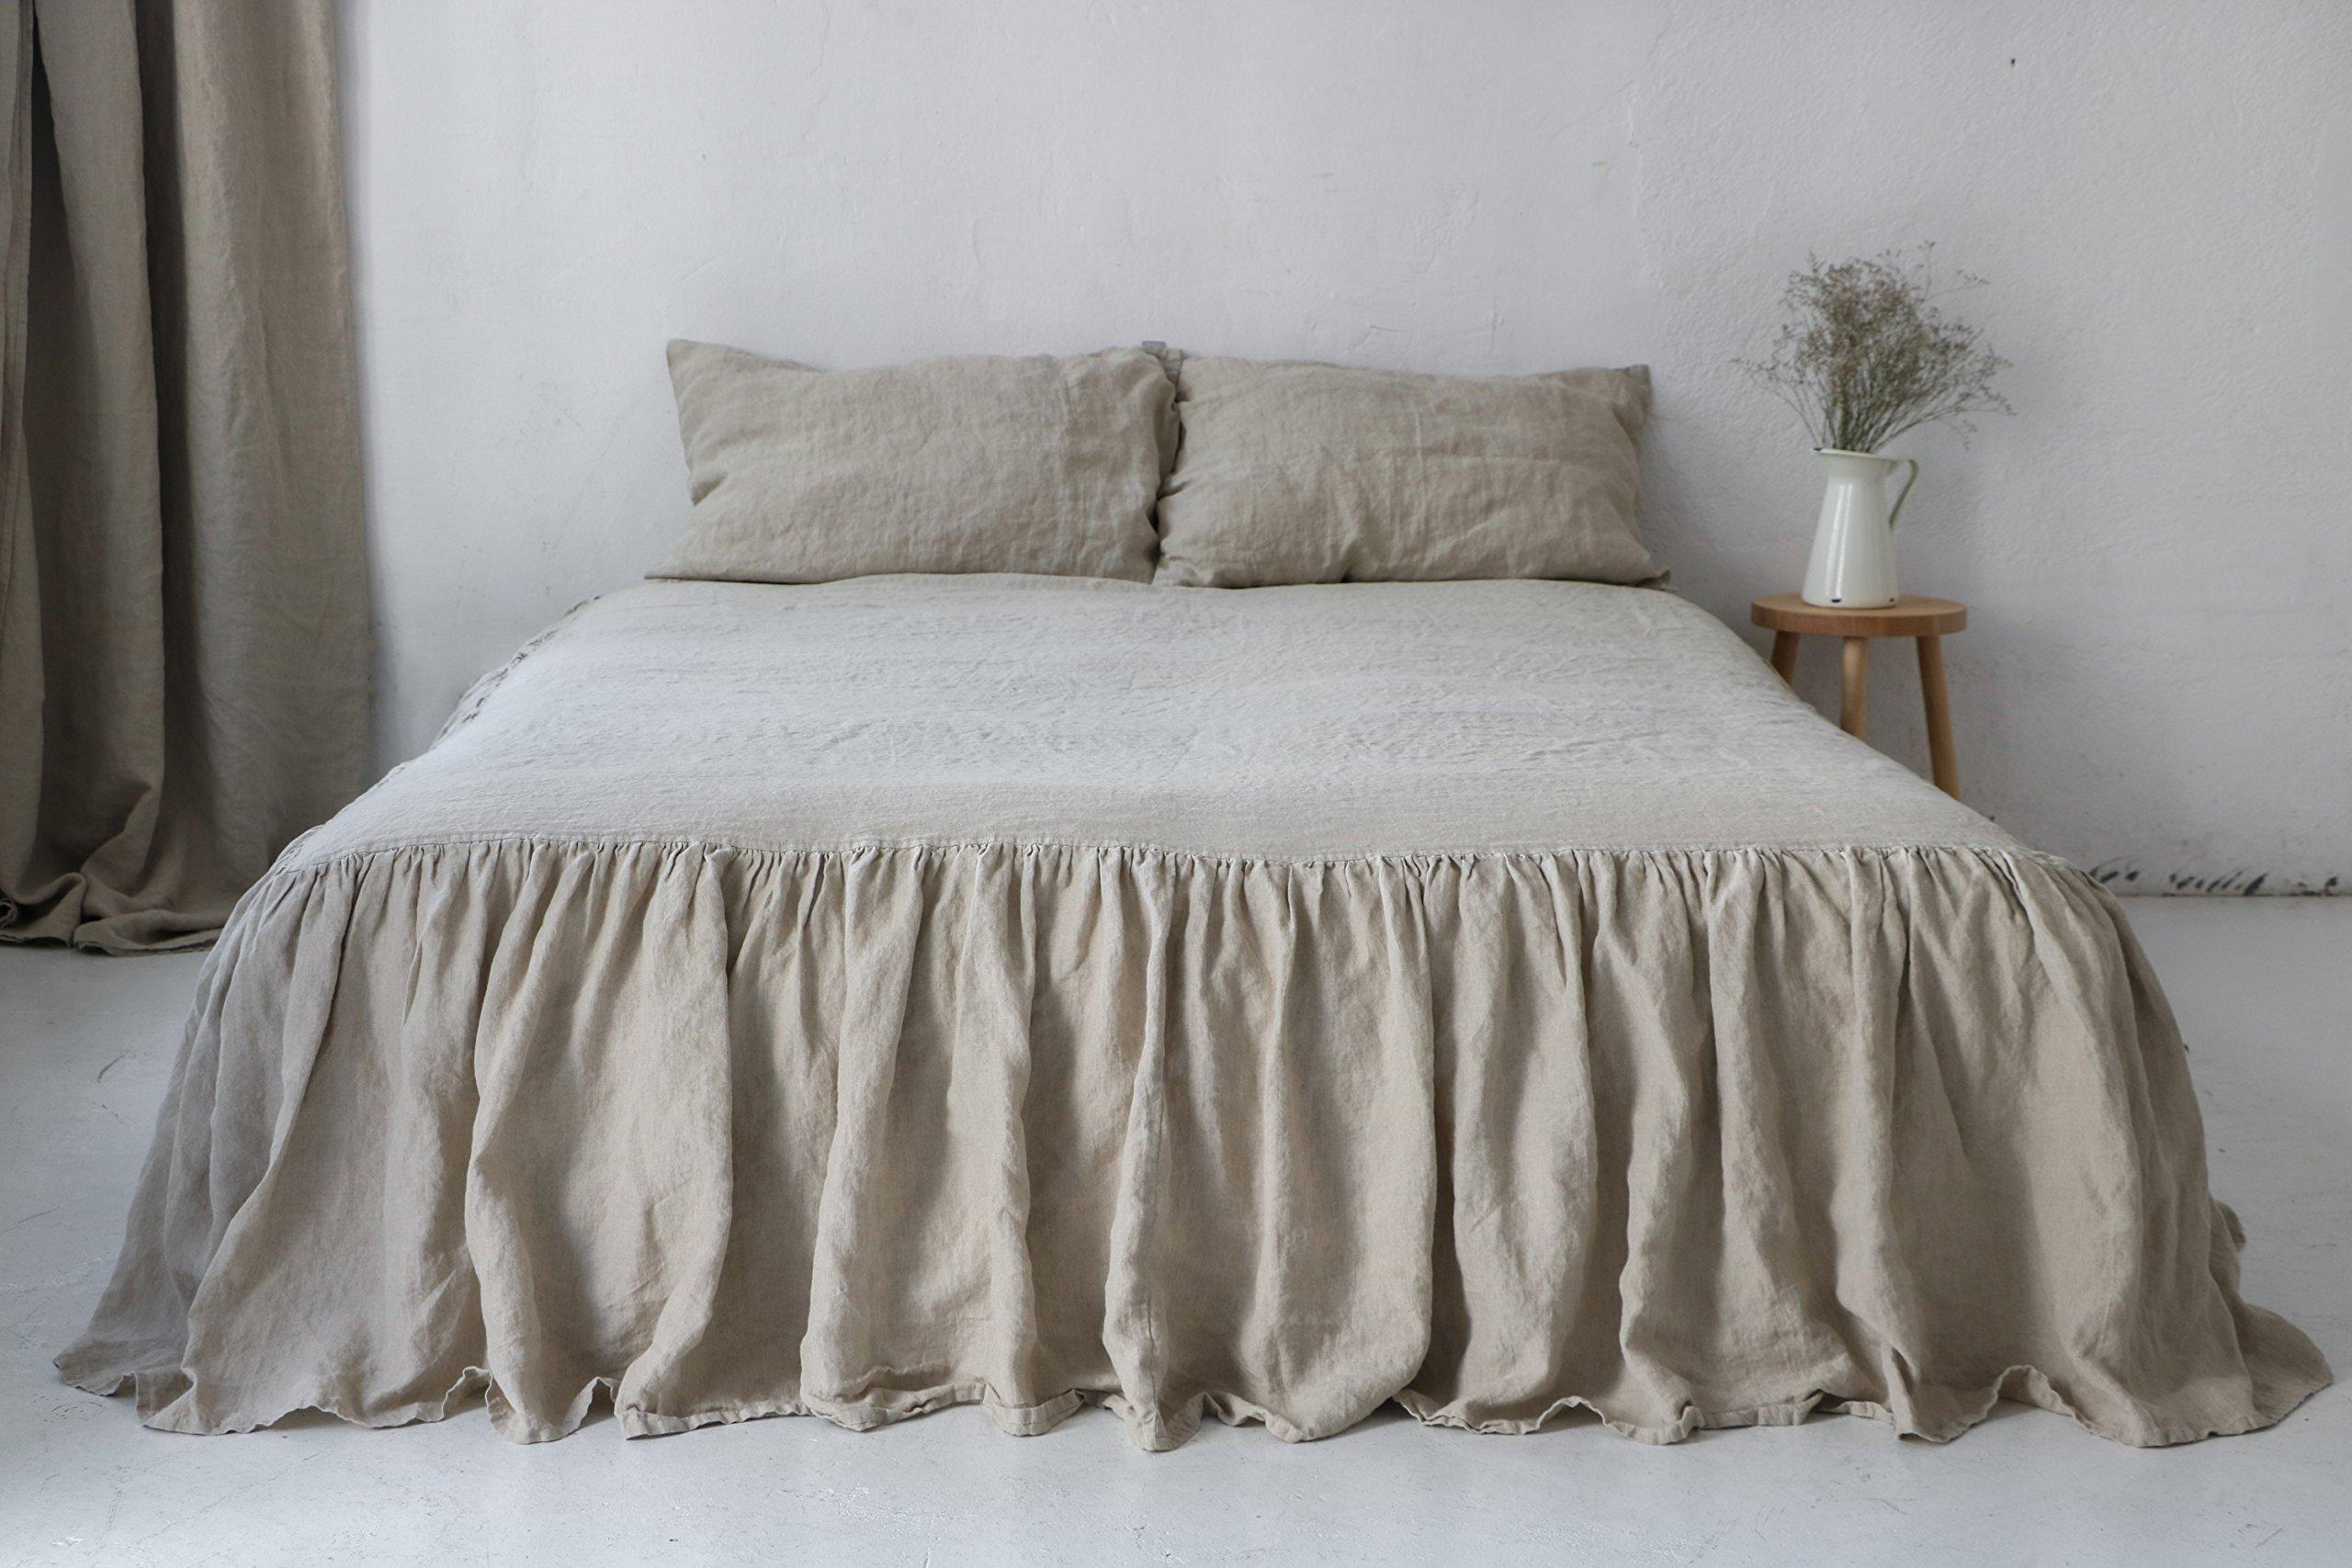 Linen BED SKIRT. Linen coverlet. Natural linen dust ruffle. Queen size. King size. Handmade. by so linen! s.c.